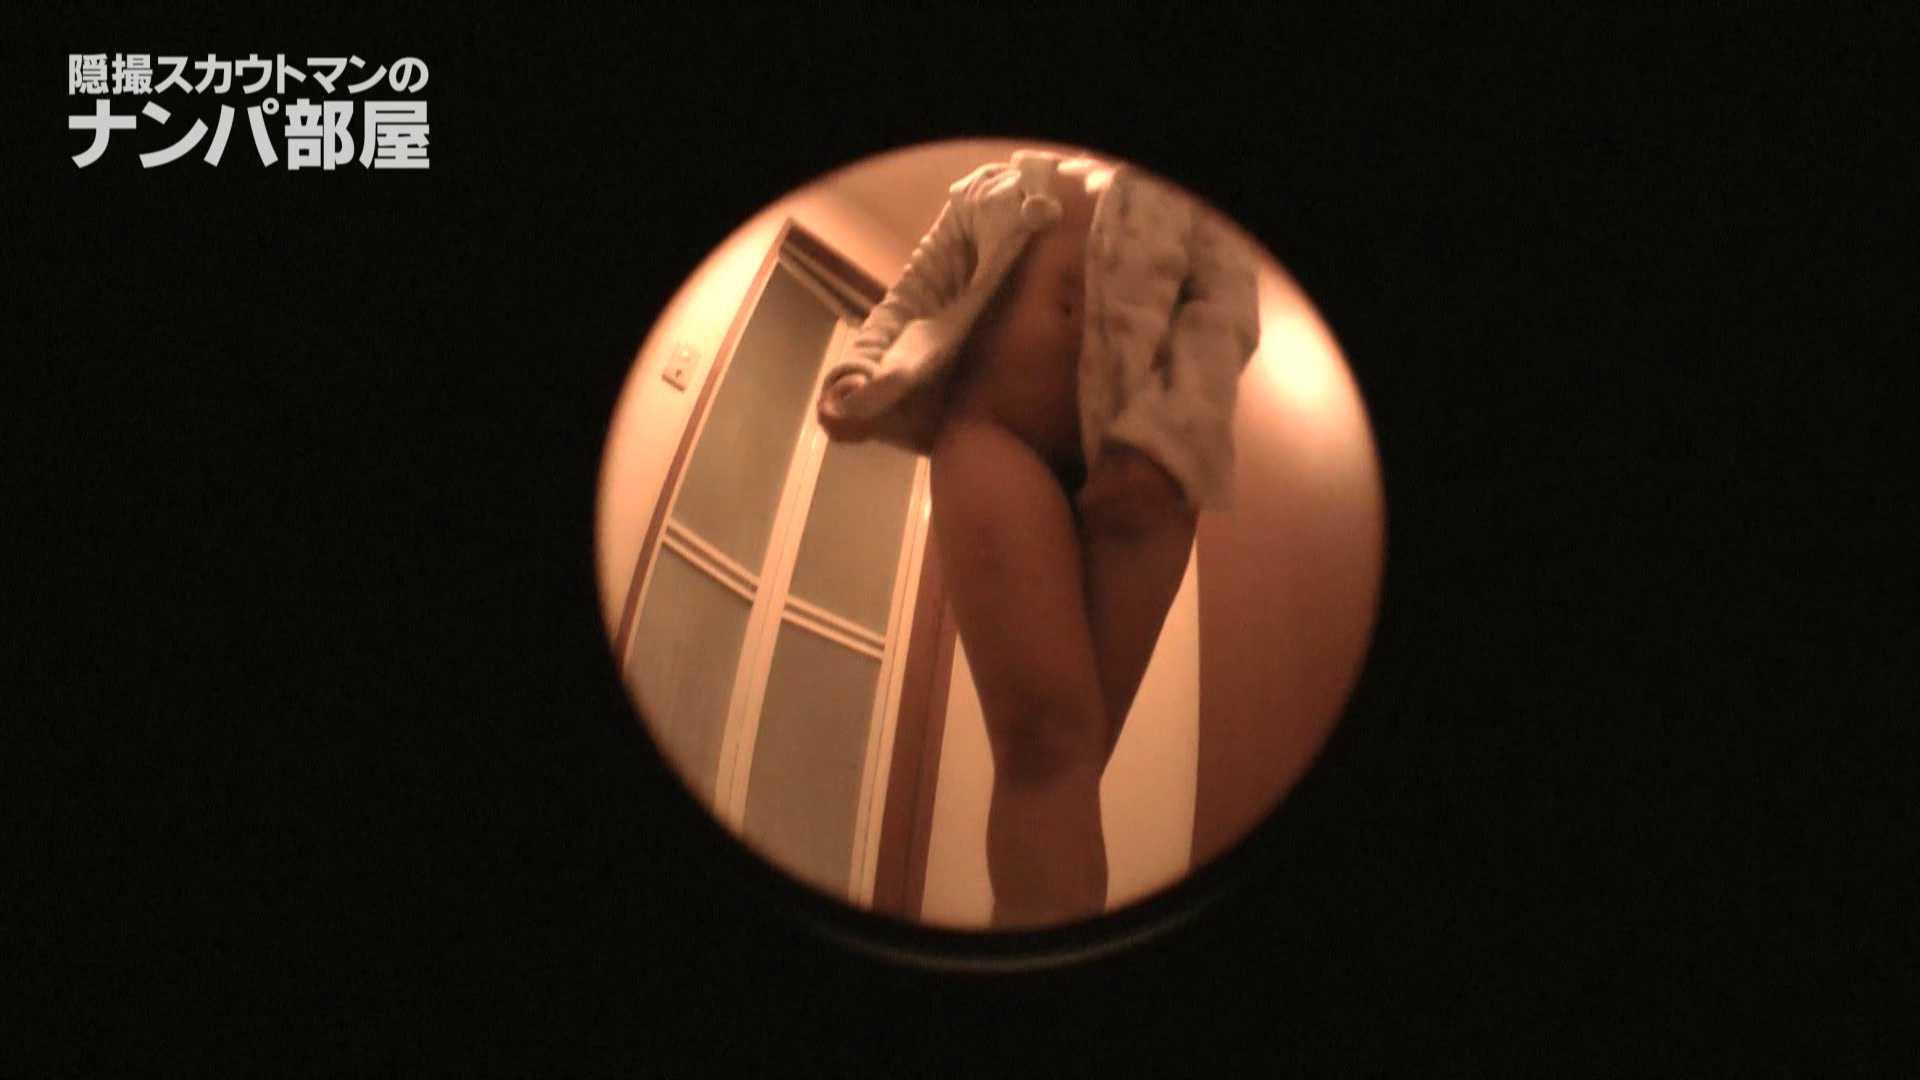 隠撮スカウトマンのナンパ部屋~風俗デビュー前のつまみ食い~hanavol.3 脱衣所  84連発 26